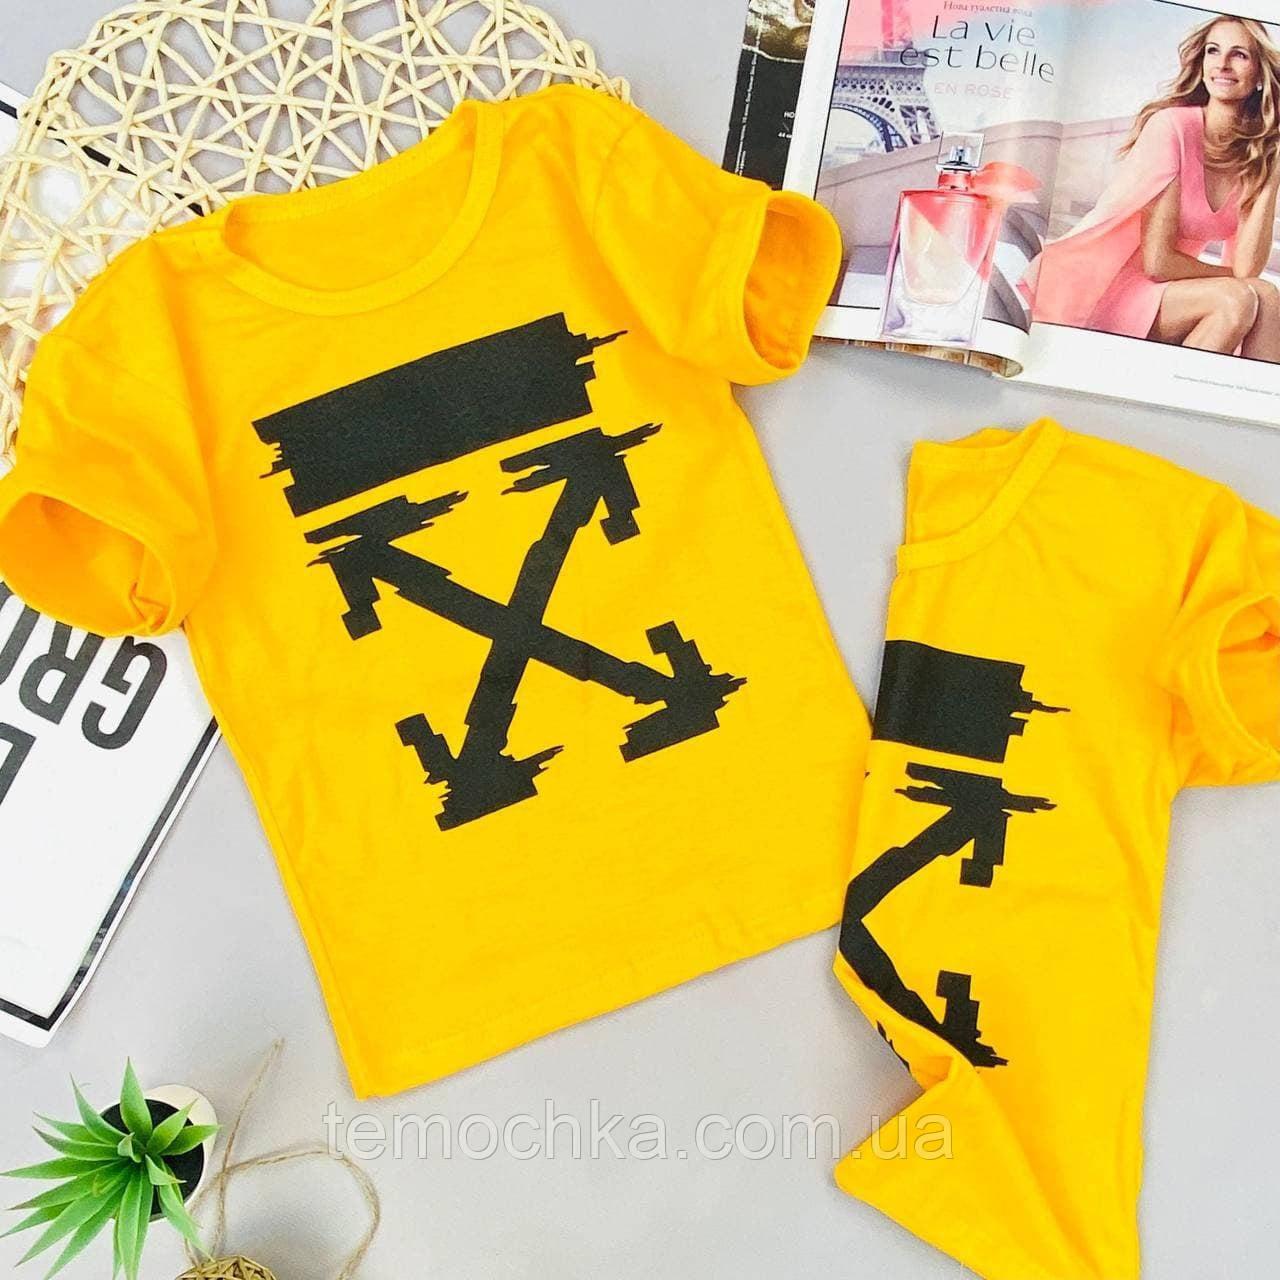 Стильная детская футболка желтая белая Офф Вайт